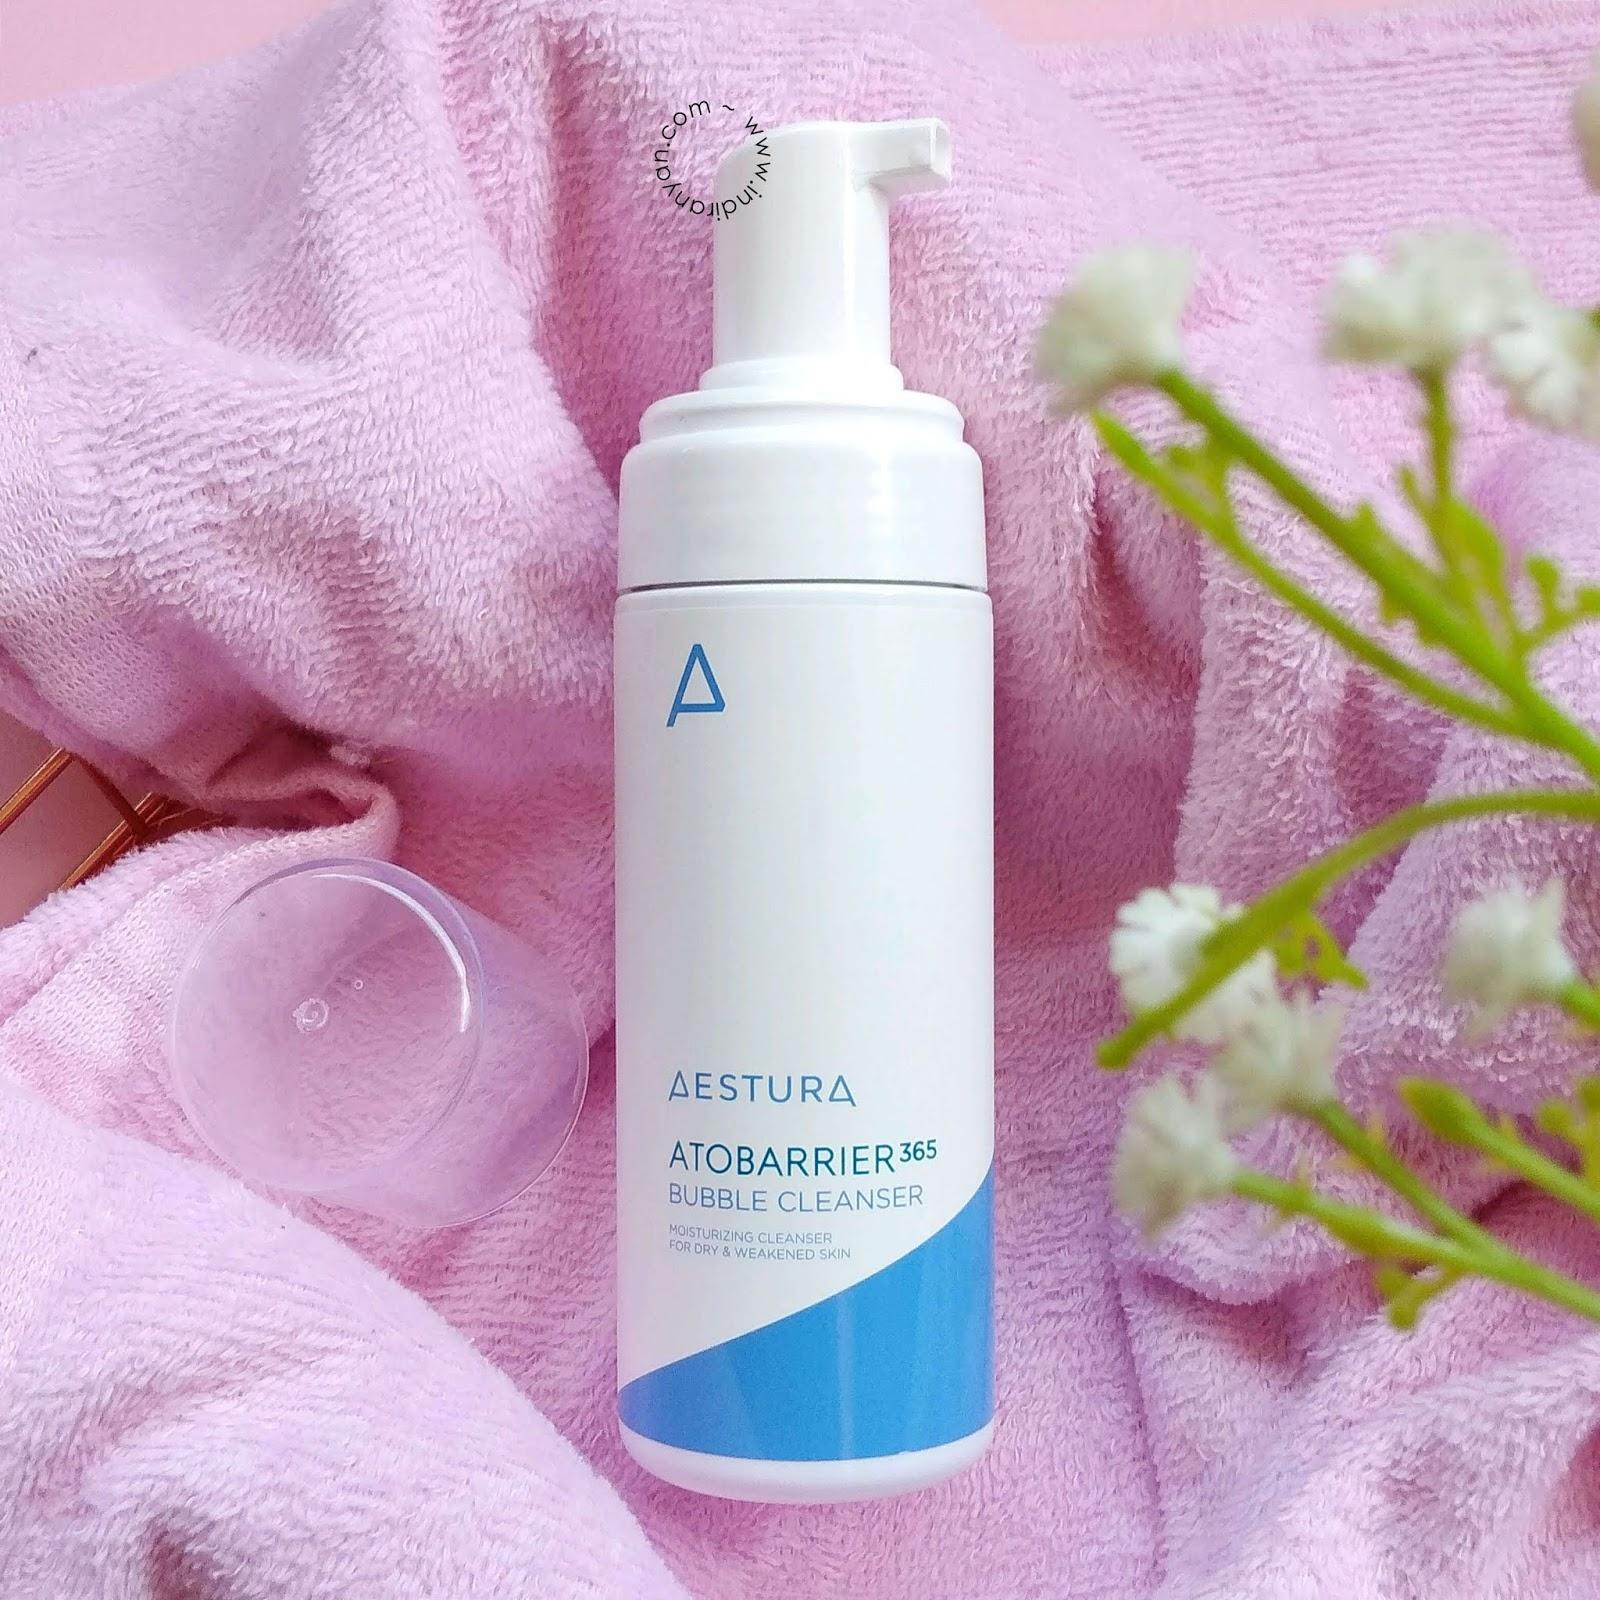 aestura-atobarrier365-bubble-cleanser